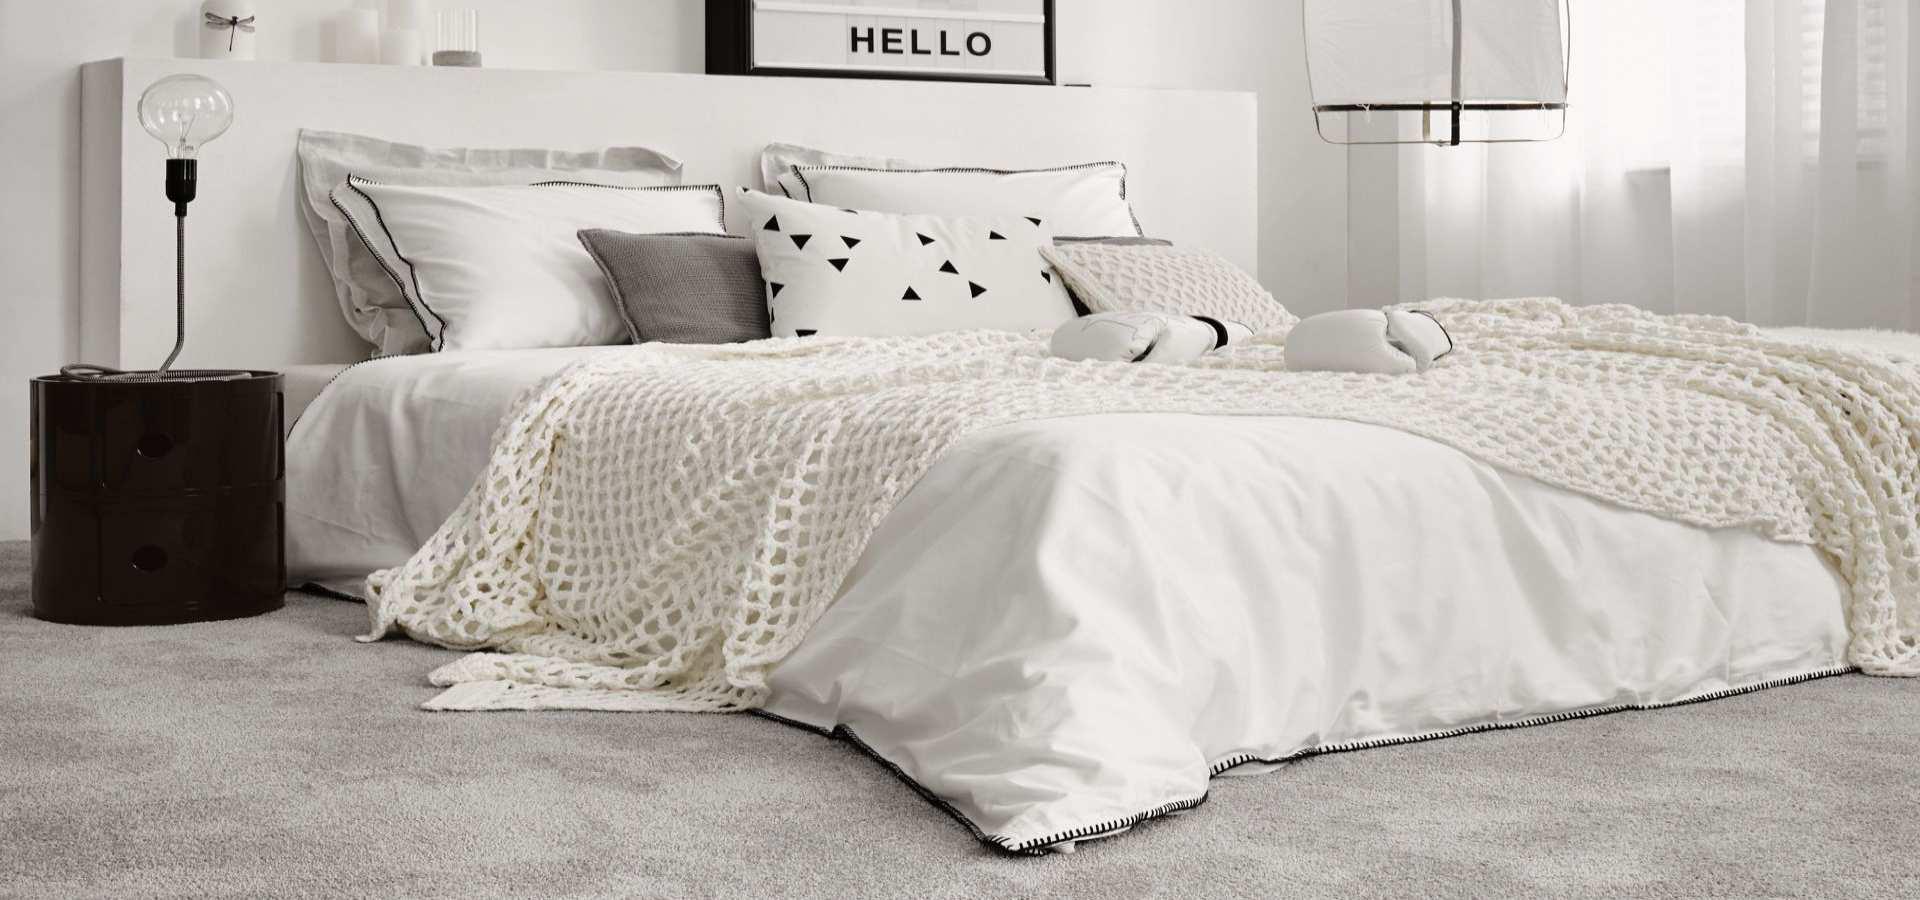 Bild Schlafzimmer Teppichboden Soft weiß